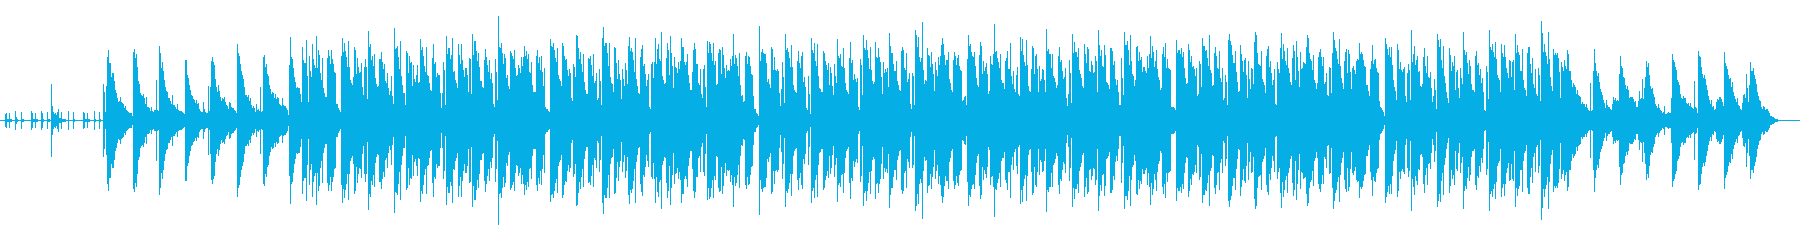 まったりした落ち着きのあるBGMの再生済みの波形